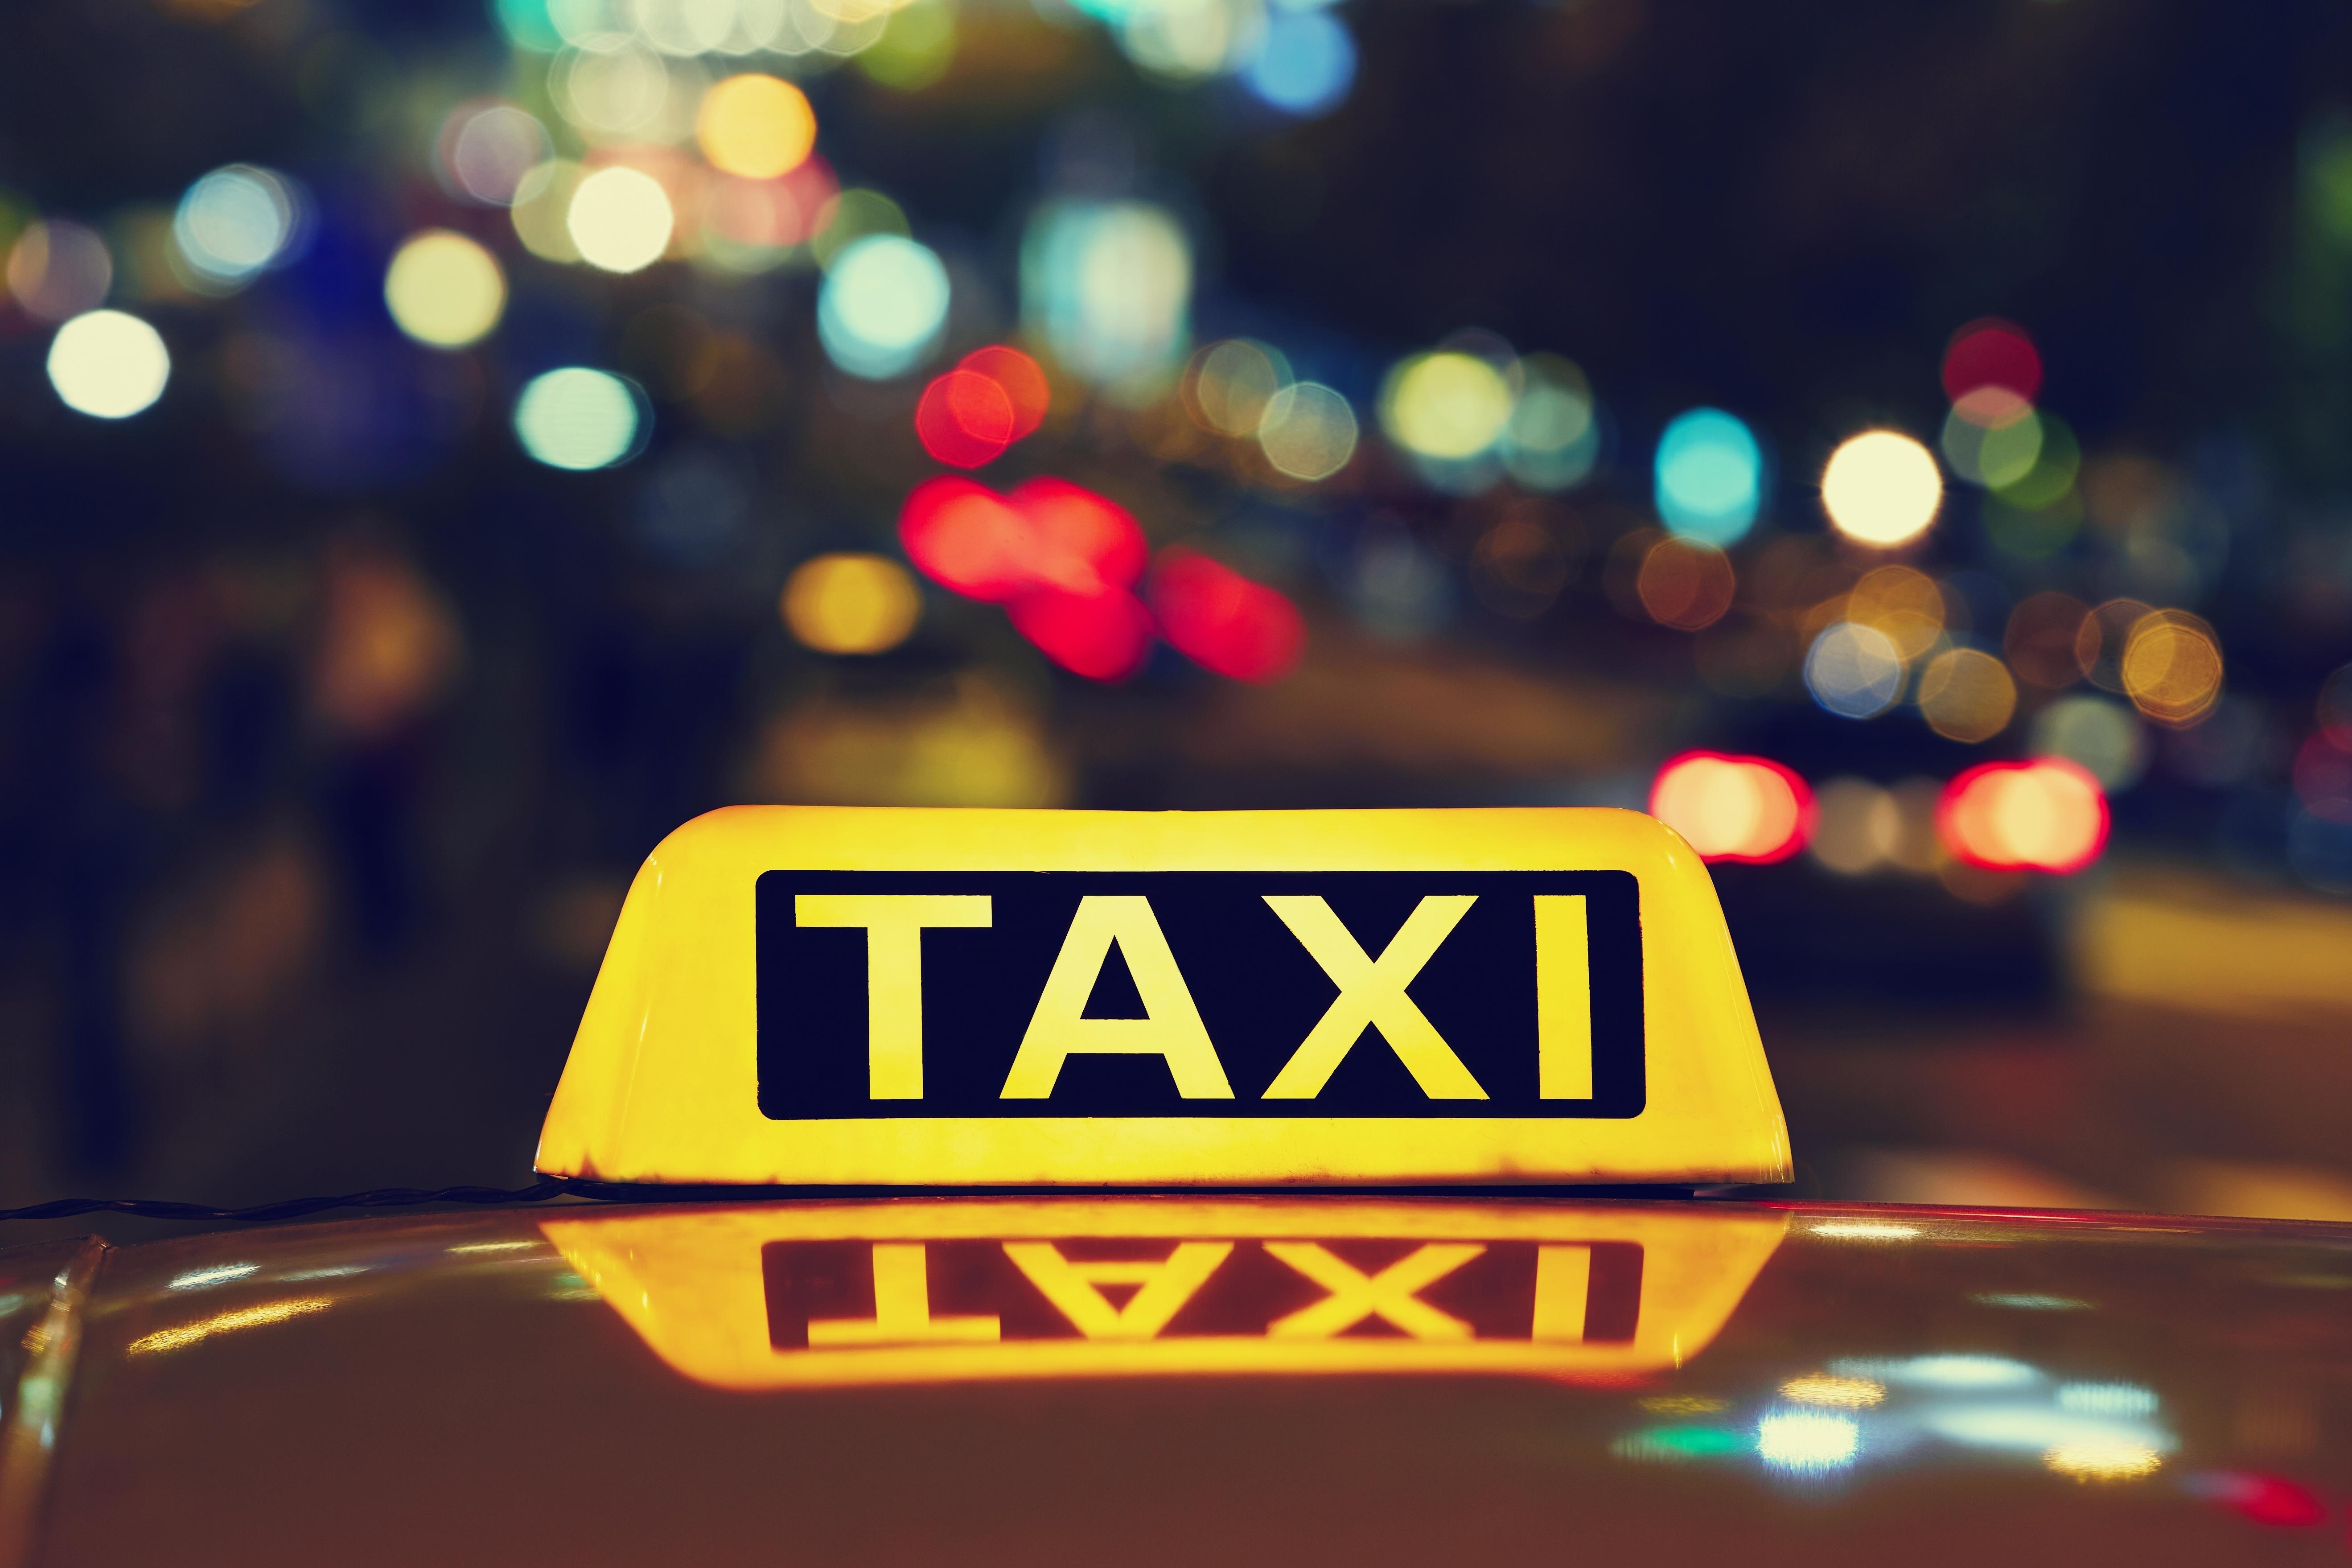 Dez feridos em incidente com táxi descontrolado no aeroporto de Boston